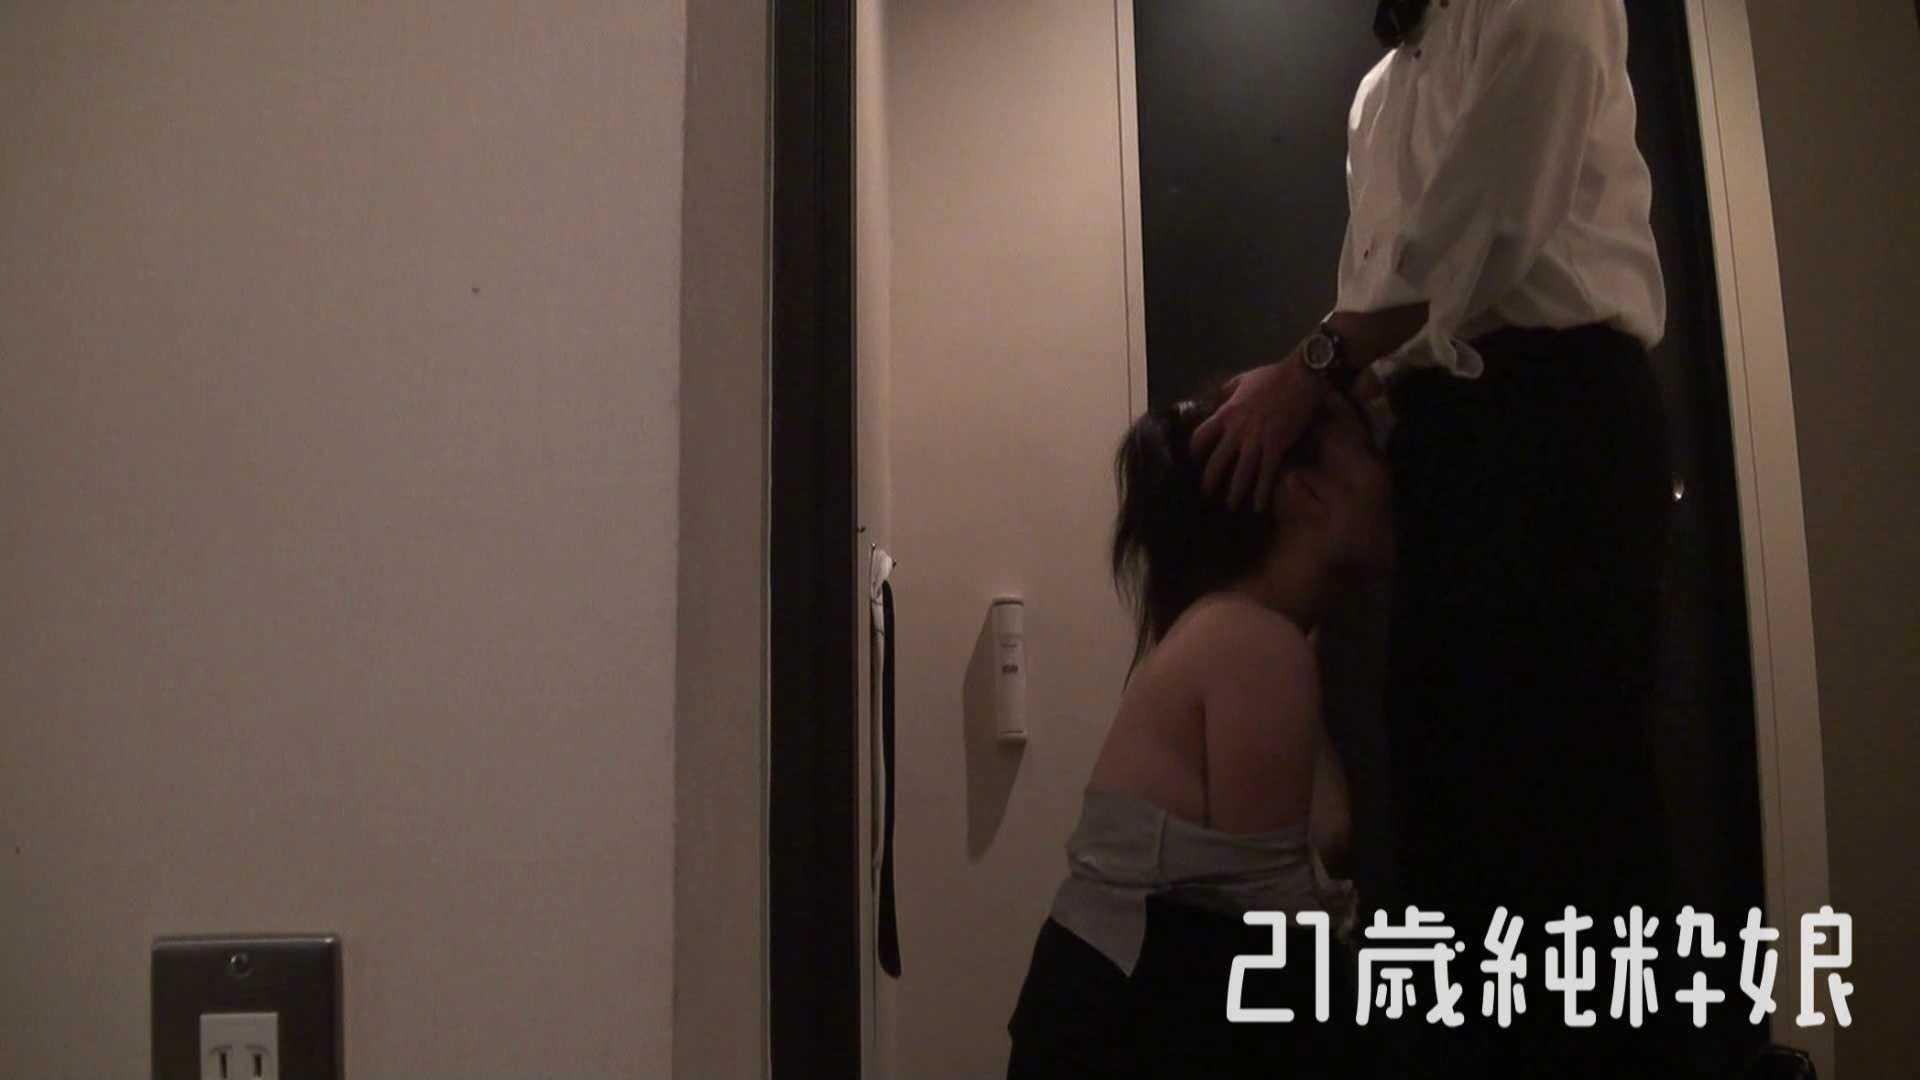 上京したばかりのGカップ21歳純粋嬢を都合の良い女にしてみた 投稿  52連発 33